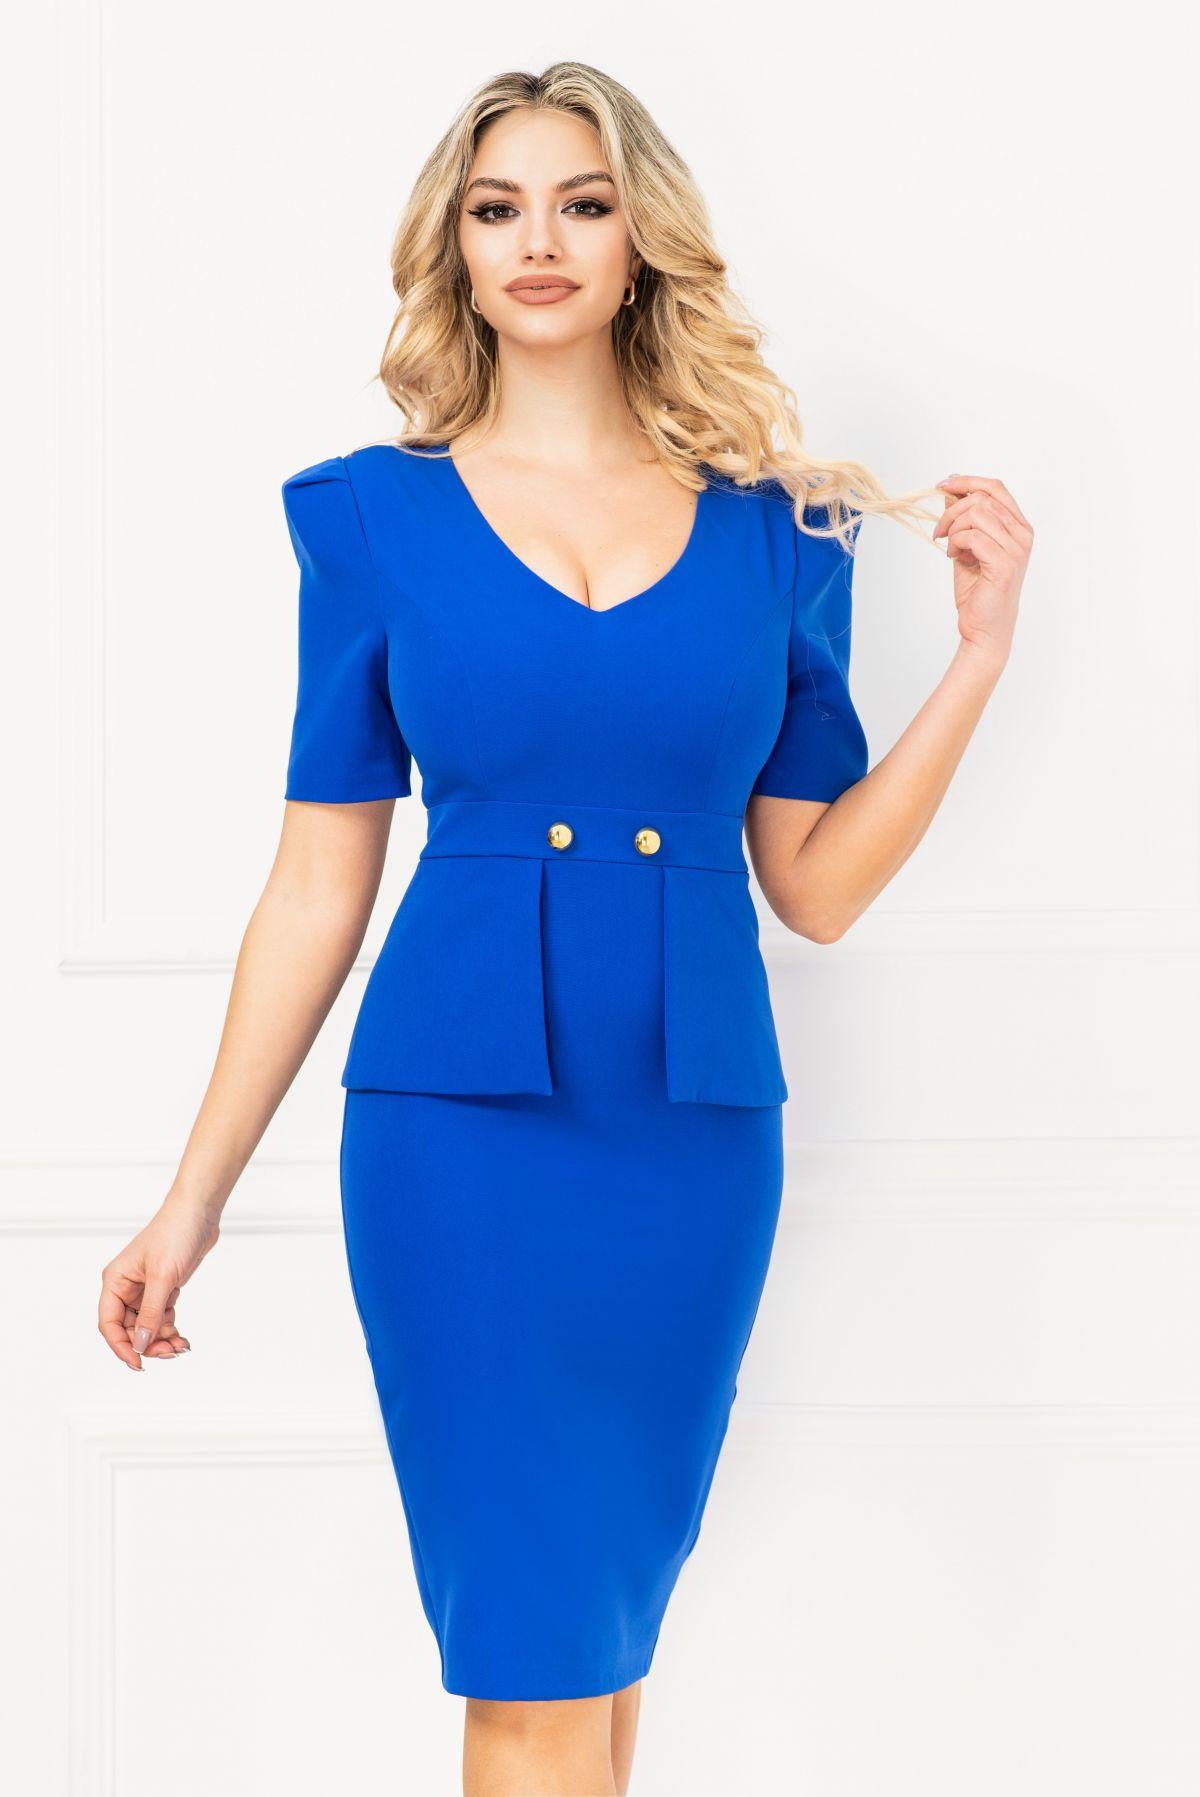 Rochie InPuff office conica albastru royal cu peplum in talie